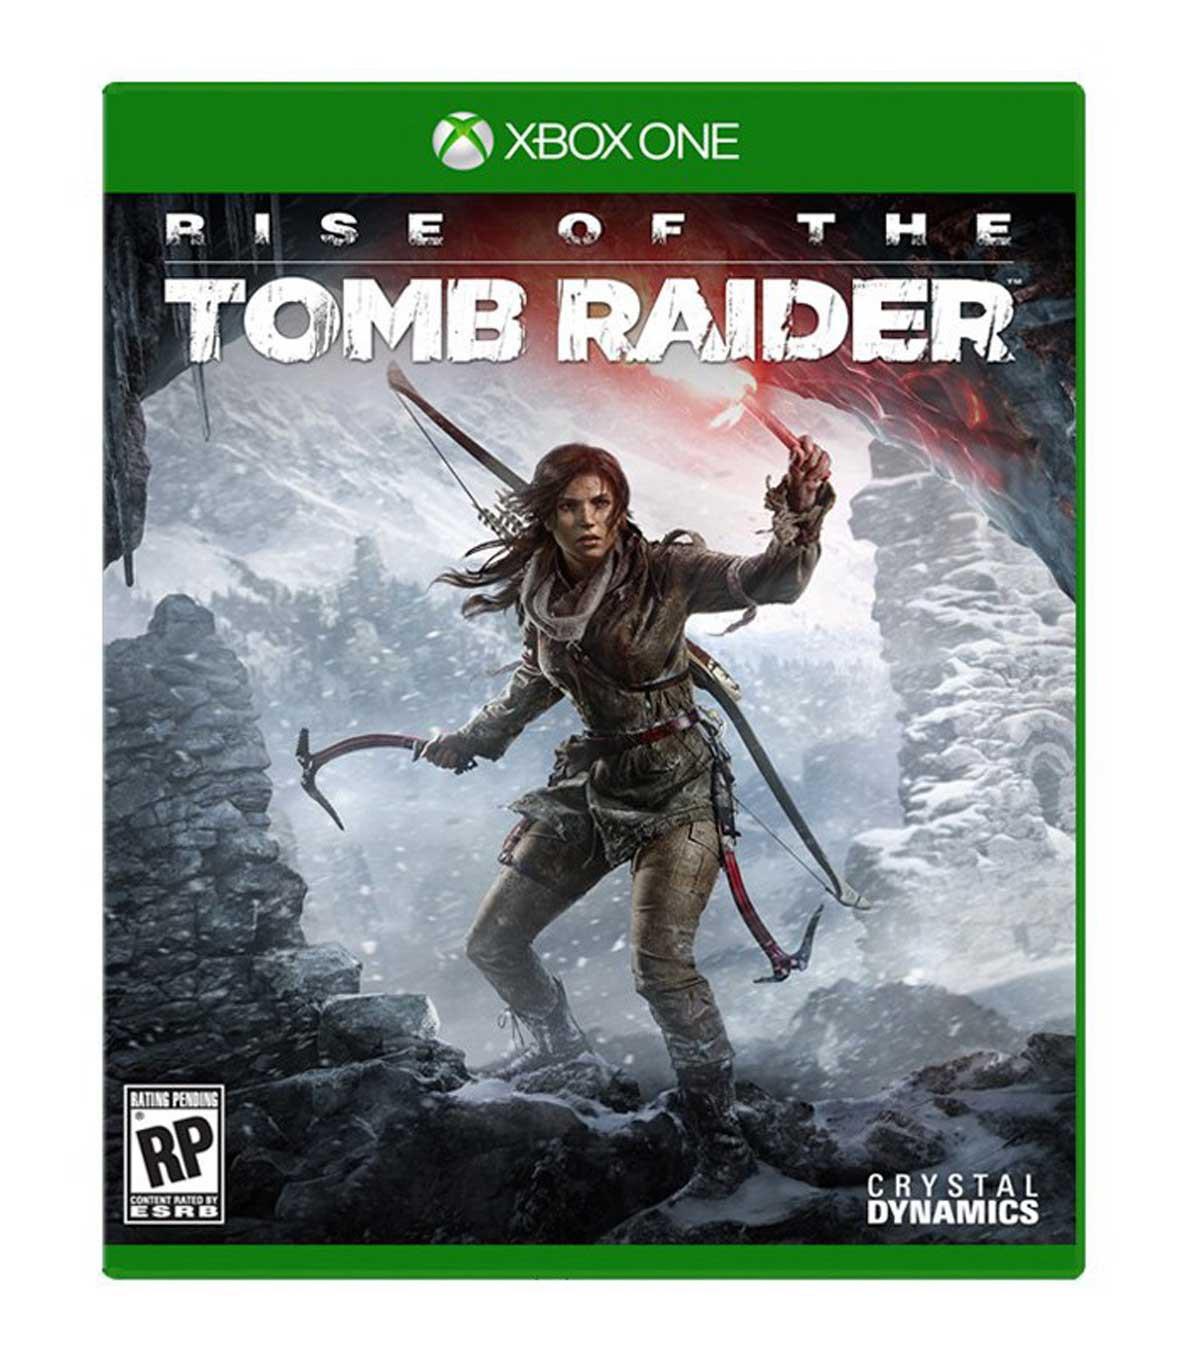 بازی Rise of the Tomb Raider کارکرده - ایکس باکس وان